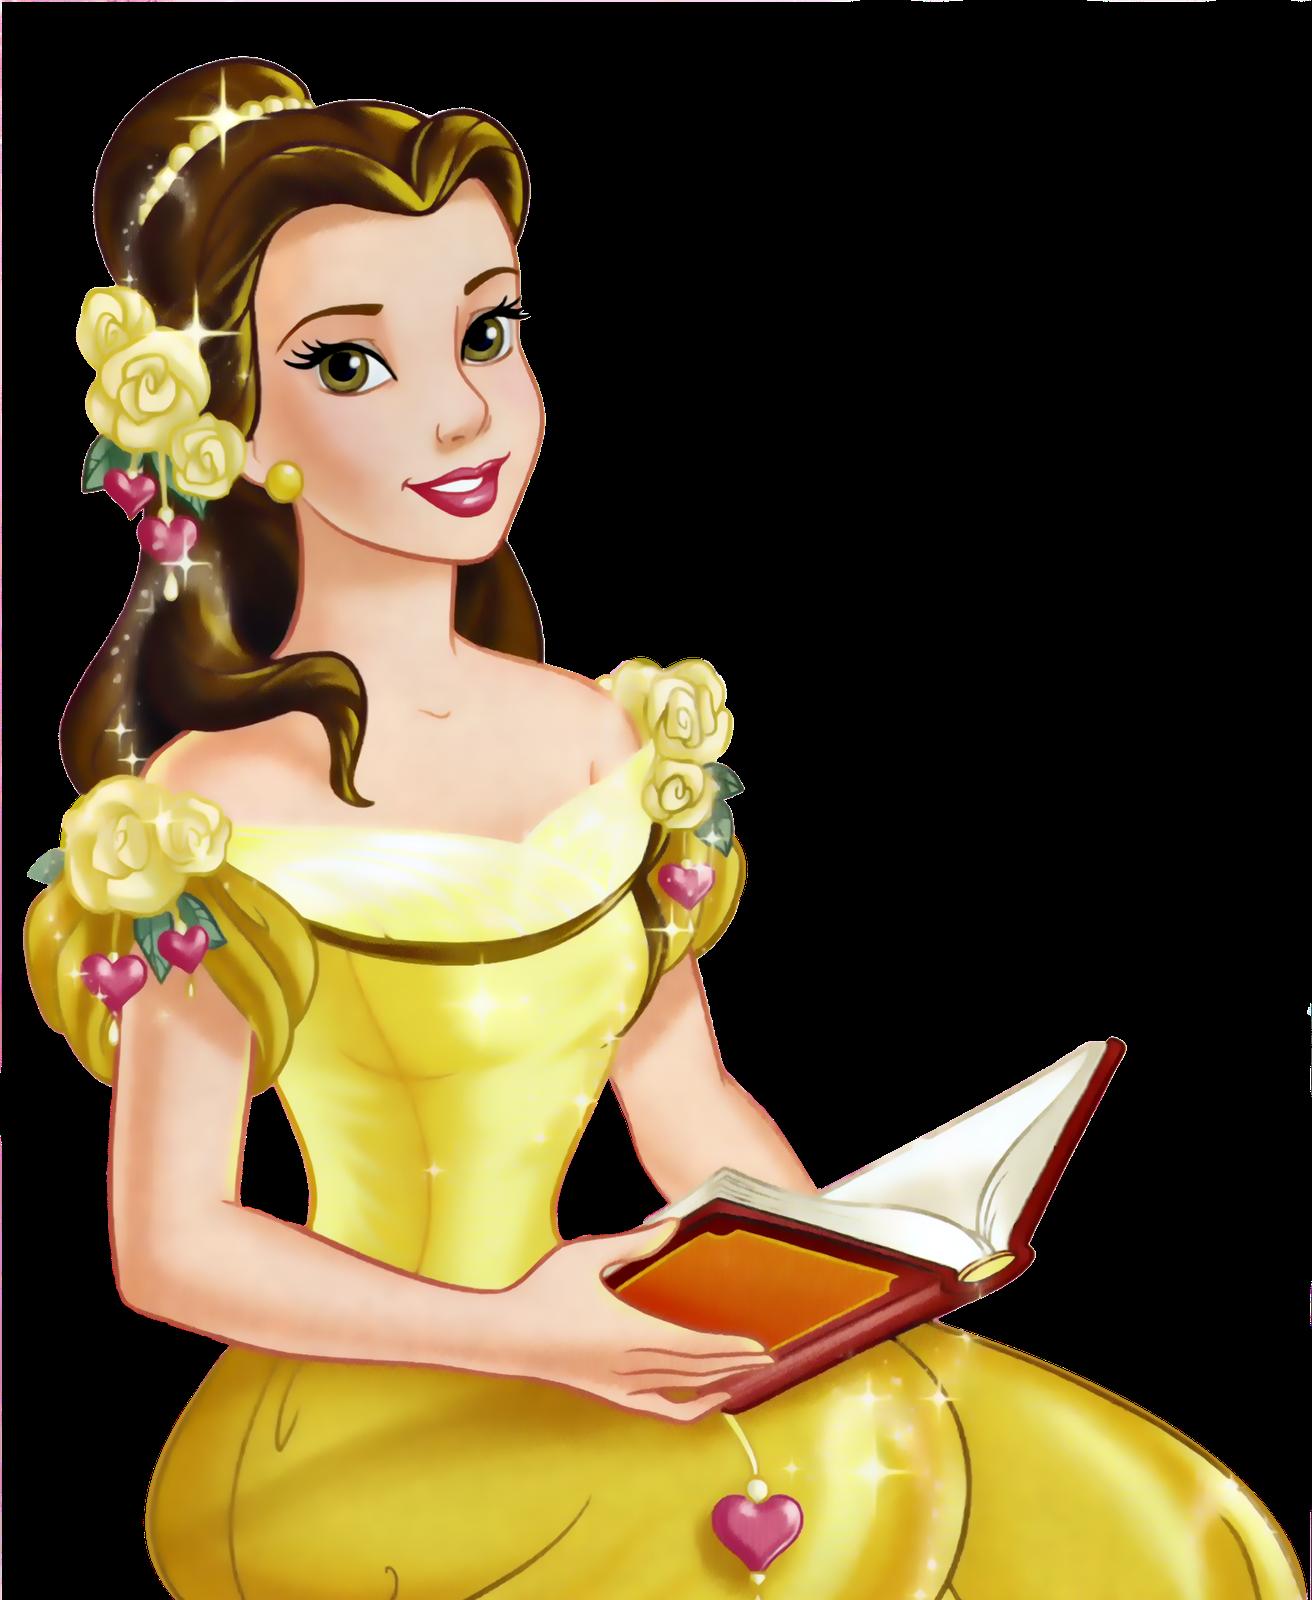 Imágenes y Gifs de princesas Disney | Fondos de pantalla y ...